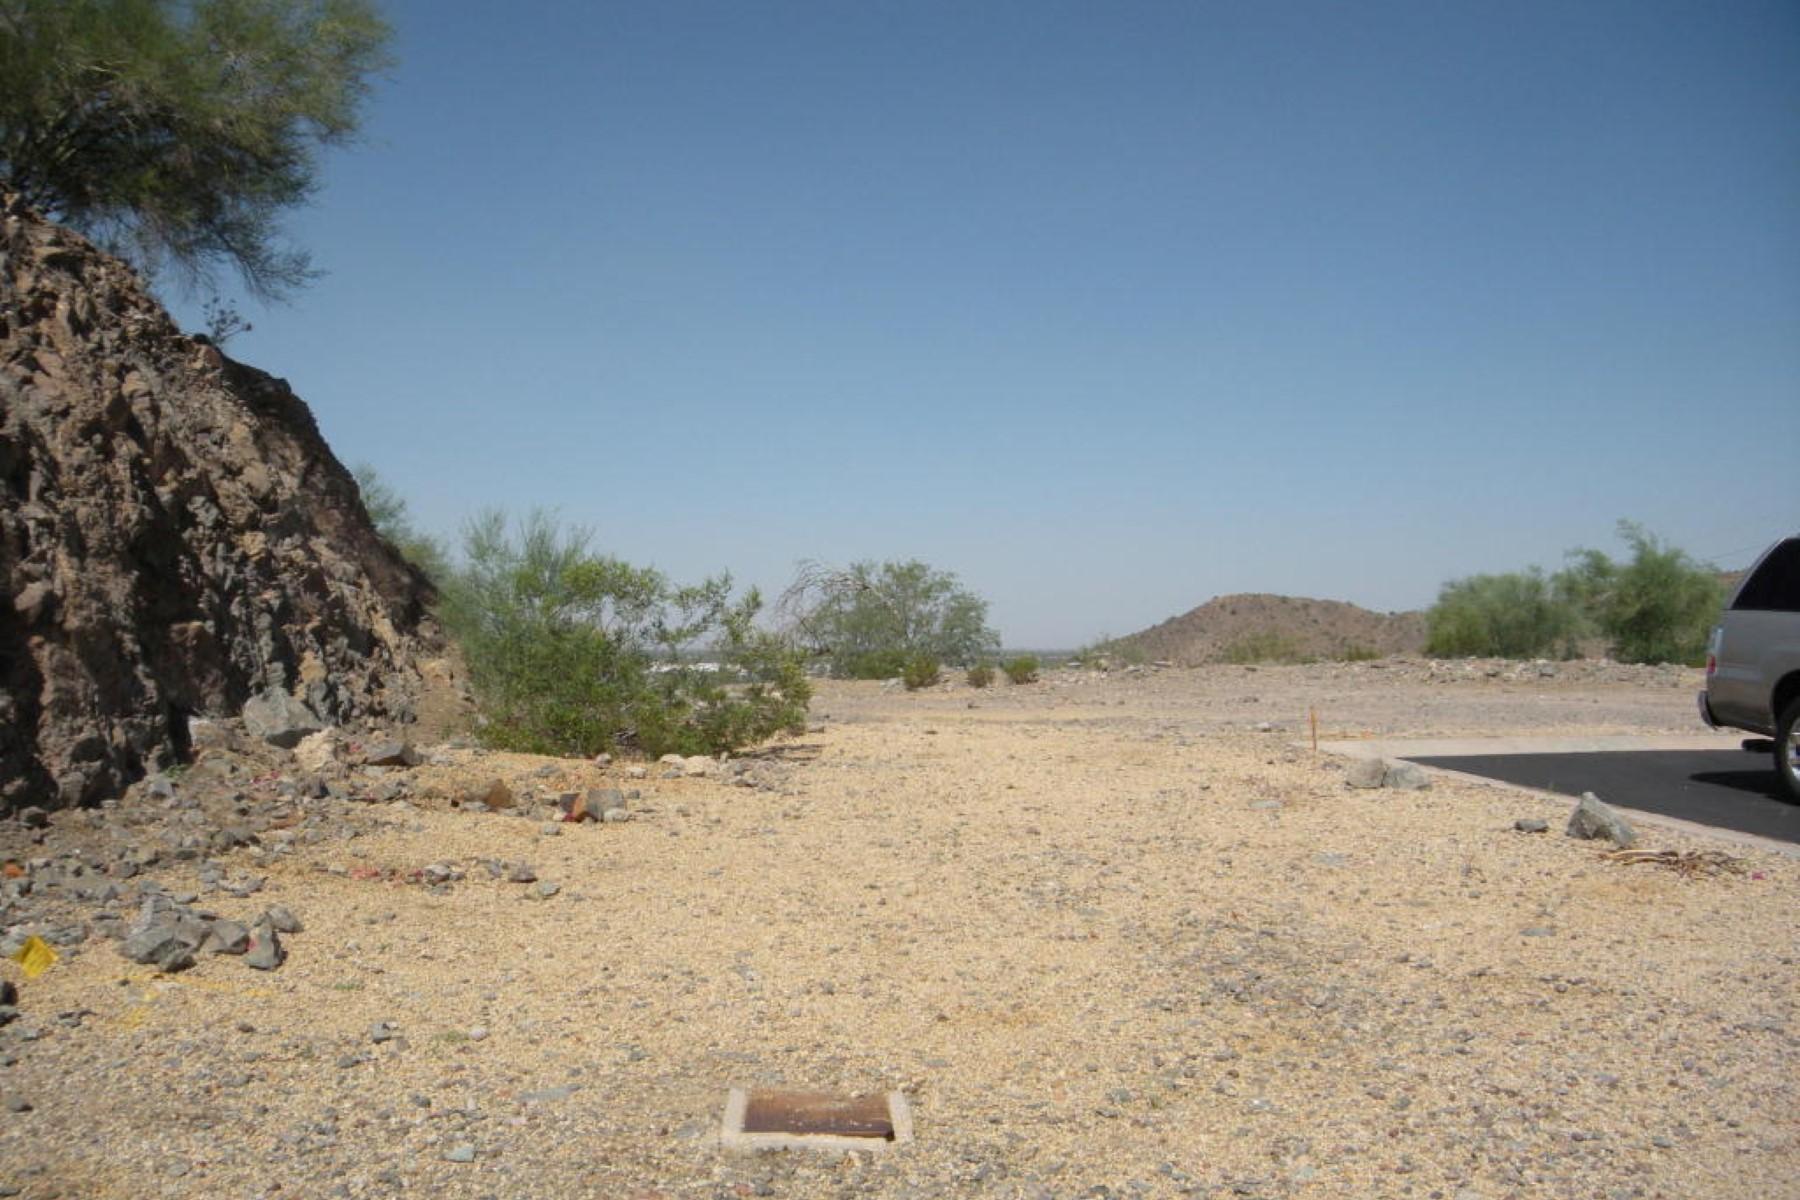 Terrain pour l Vente à Gorgeous hilltop lot with Awe inspiring million dollar panoramic views 10004 N 1st Dr #10 Phoenix, Arizona, 85021 États-Unis